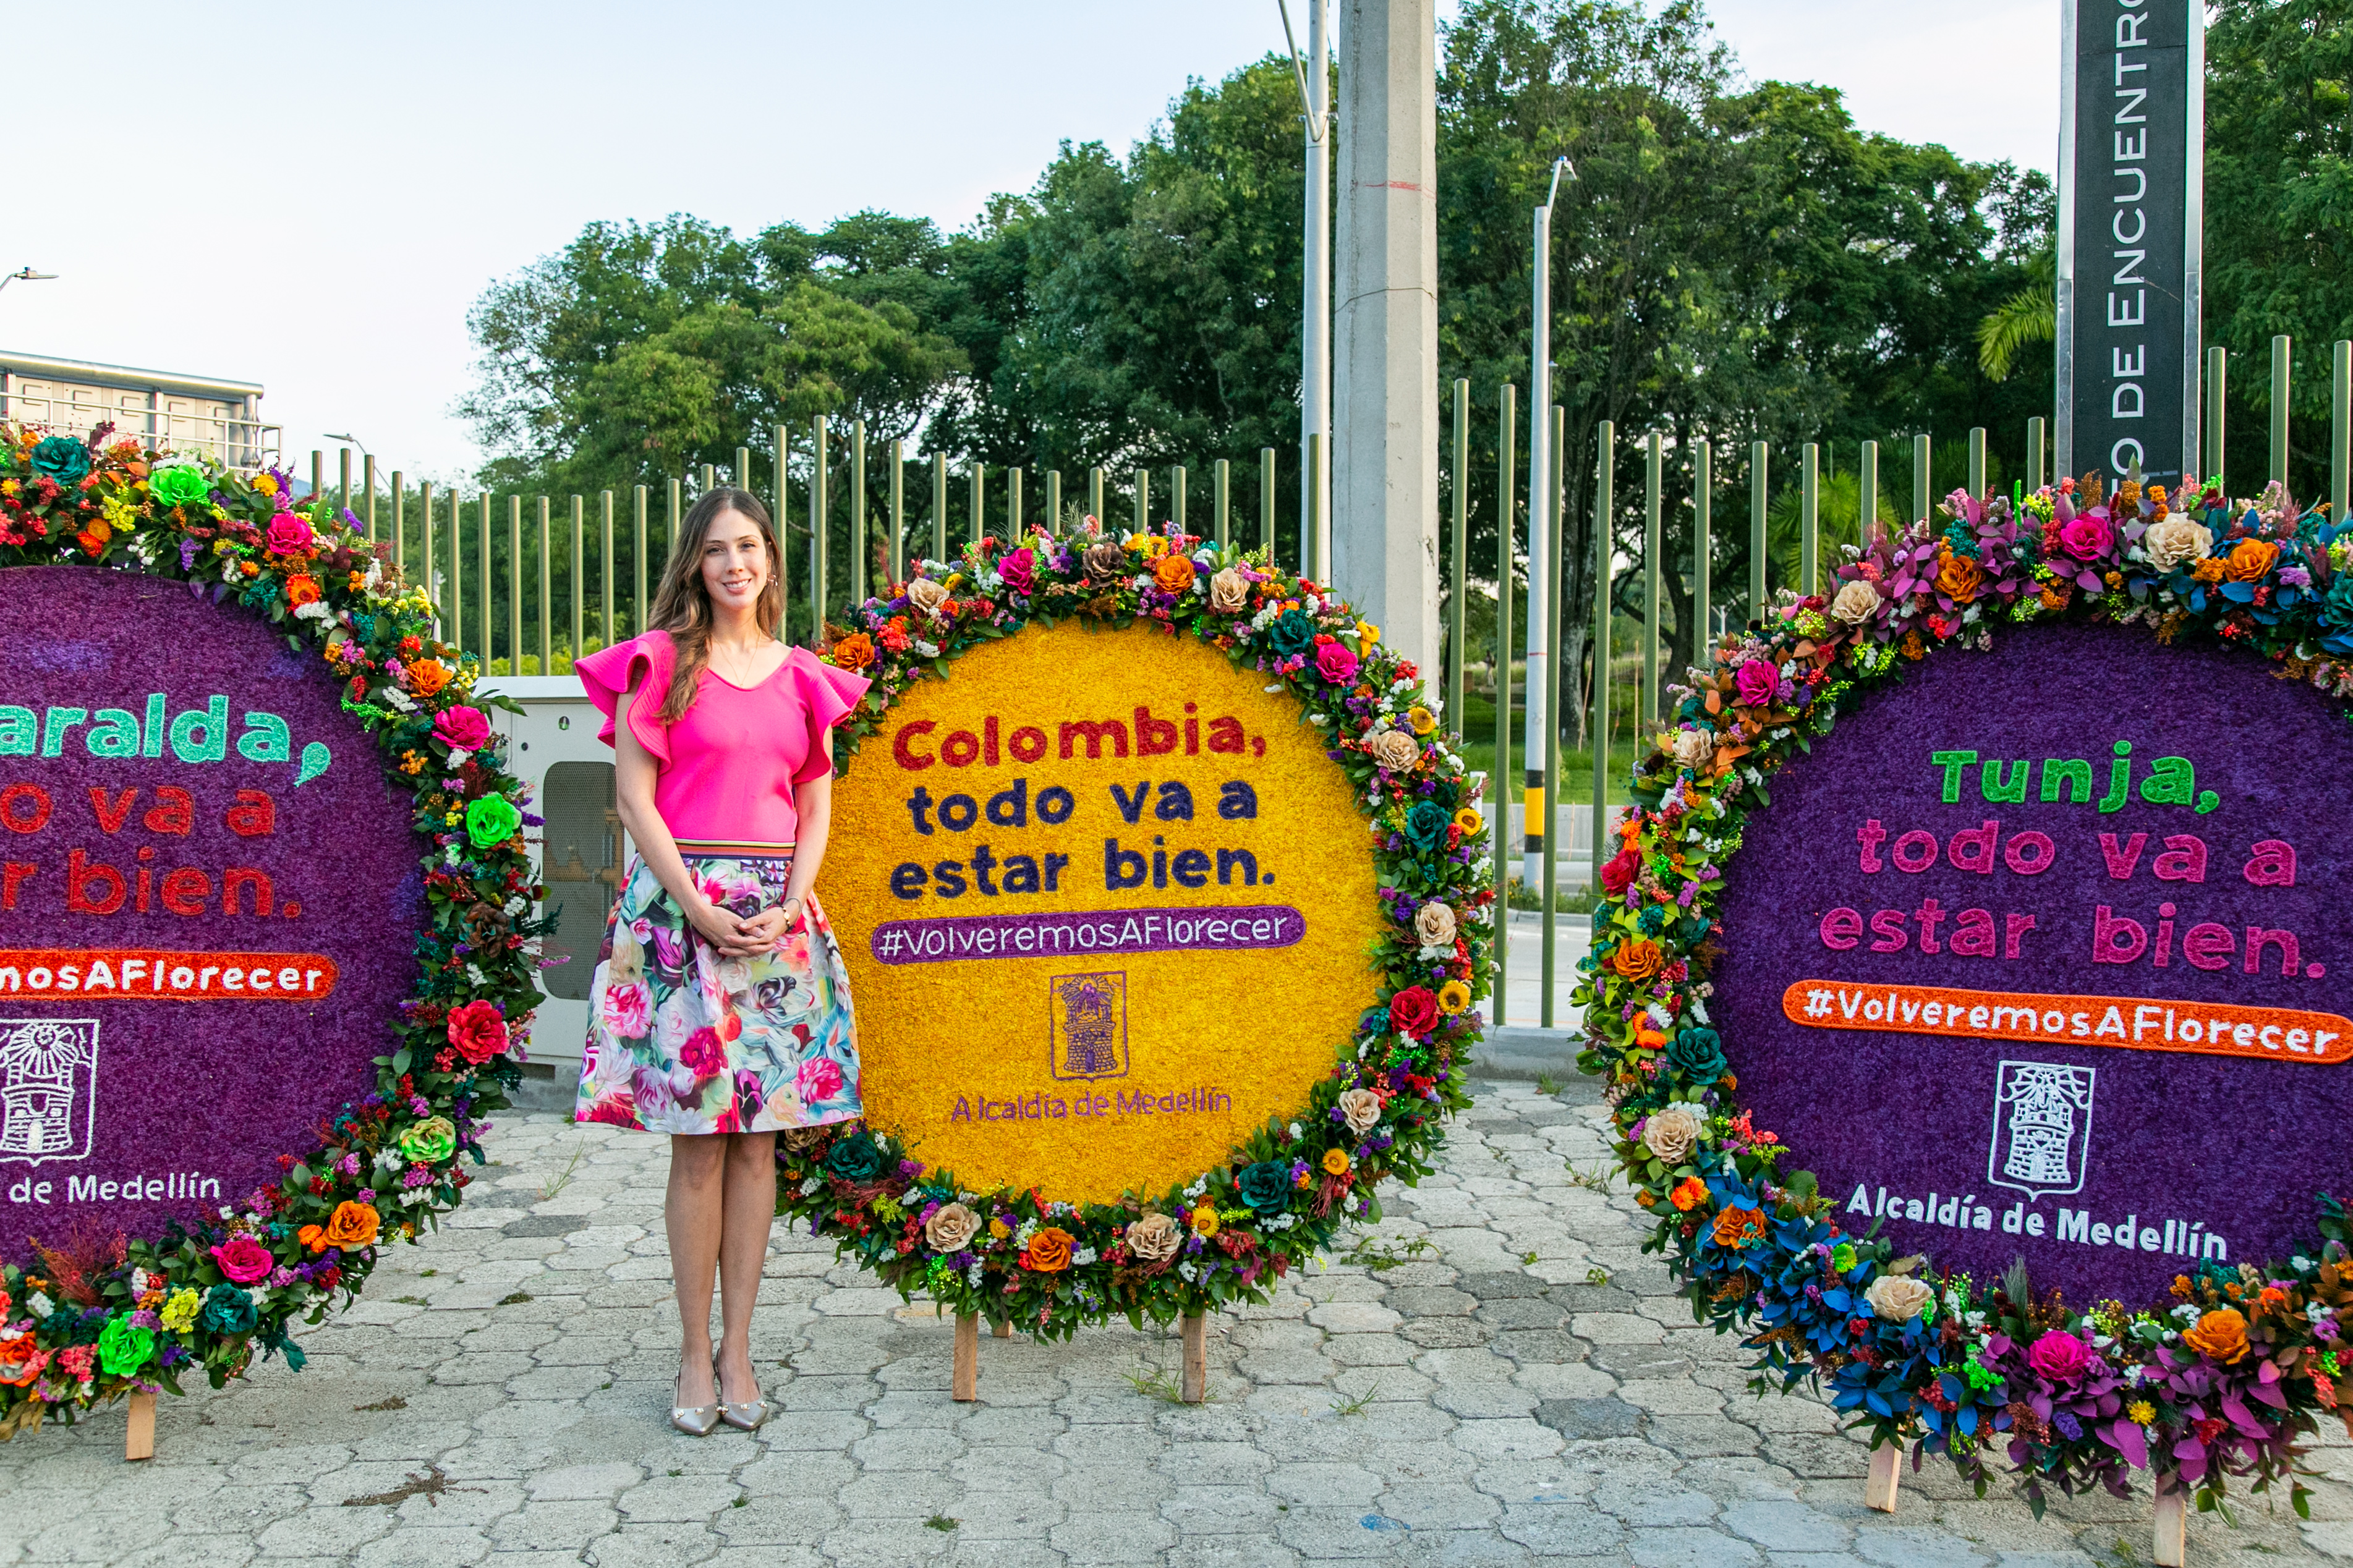 Silleta-Risaralda #VolveremosAFlorecer, la iniciativa que lleva el arte de las silletas al personal médico de Colombia